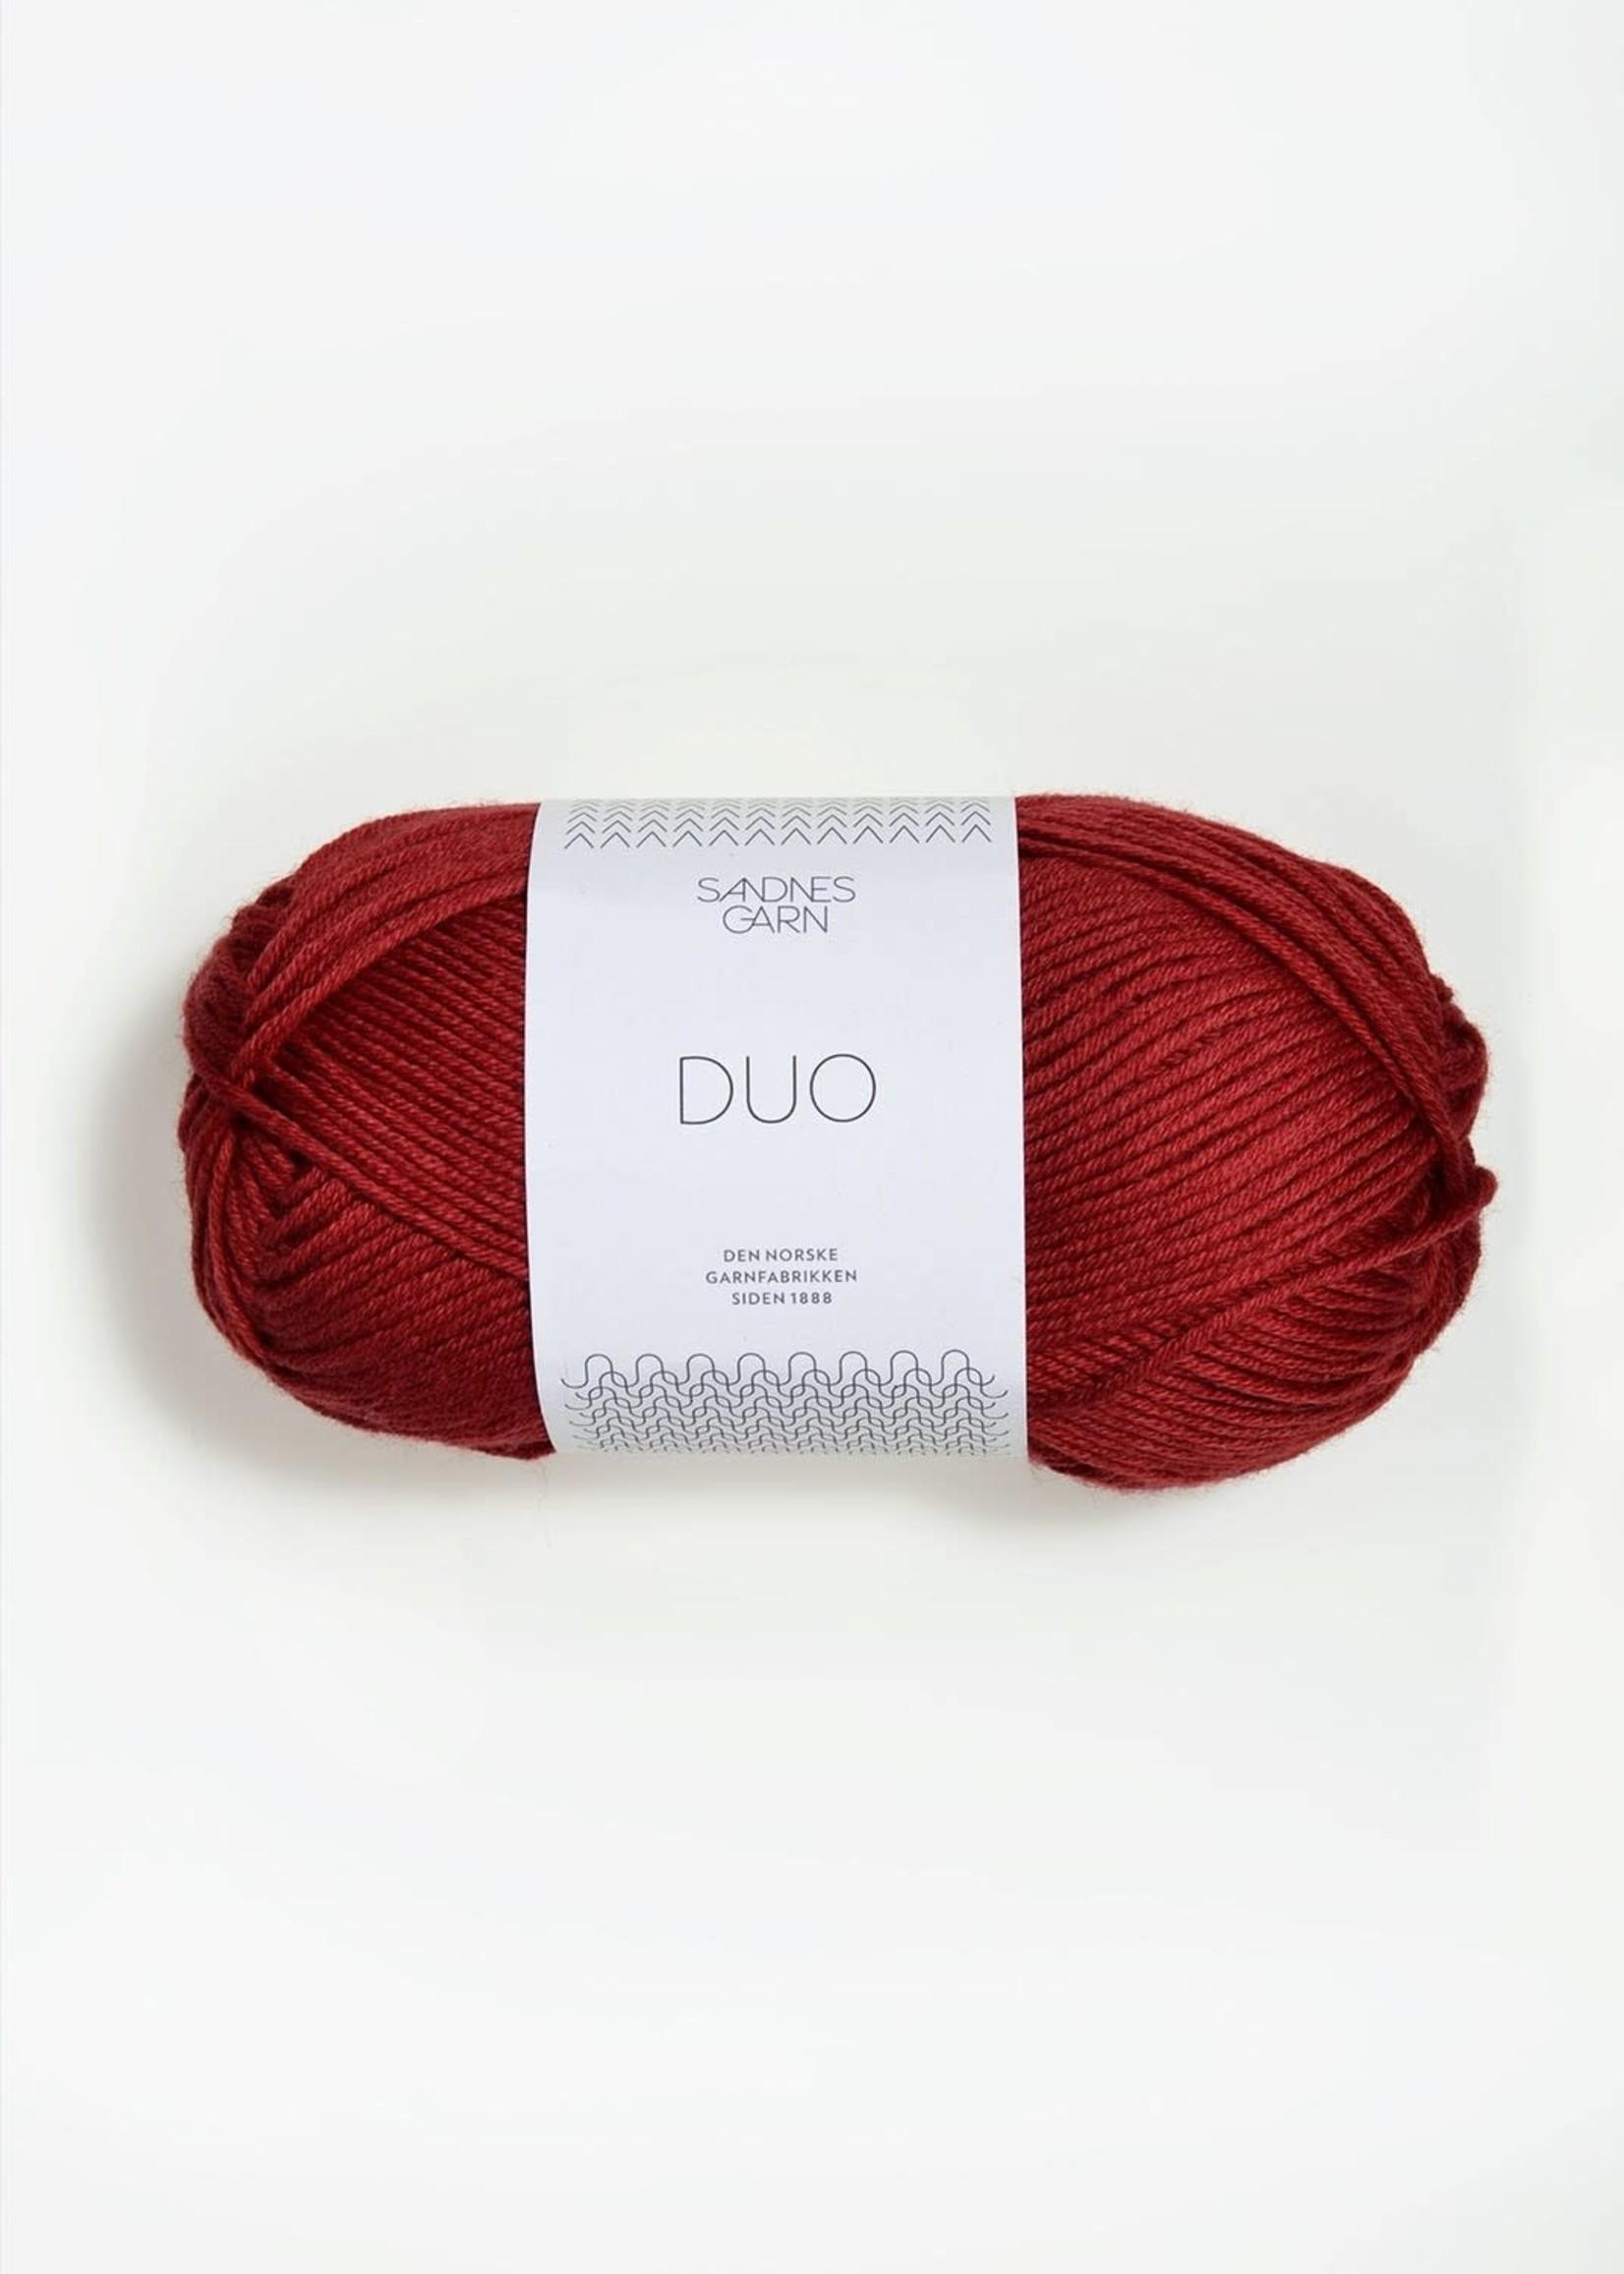 Sandnes Garn Sandnes Garn Duo - Red #4236